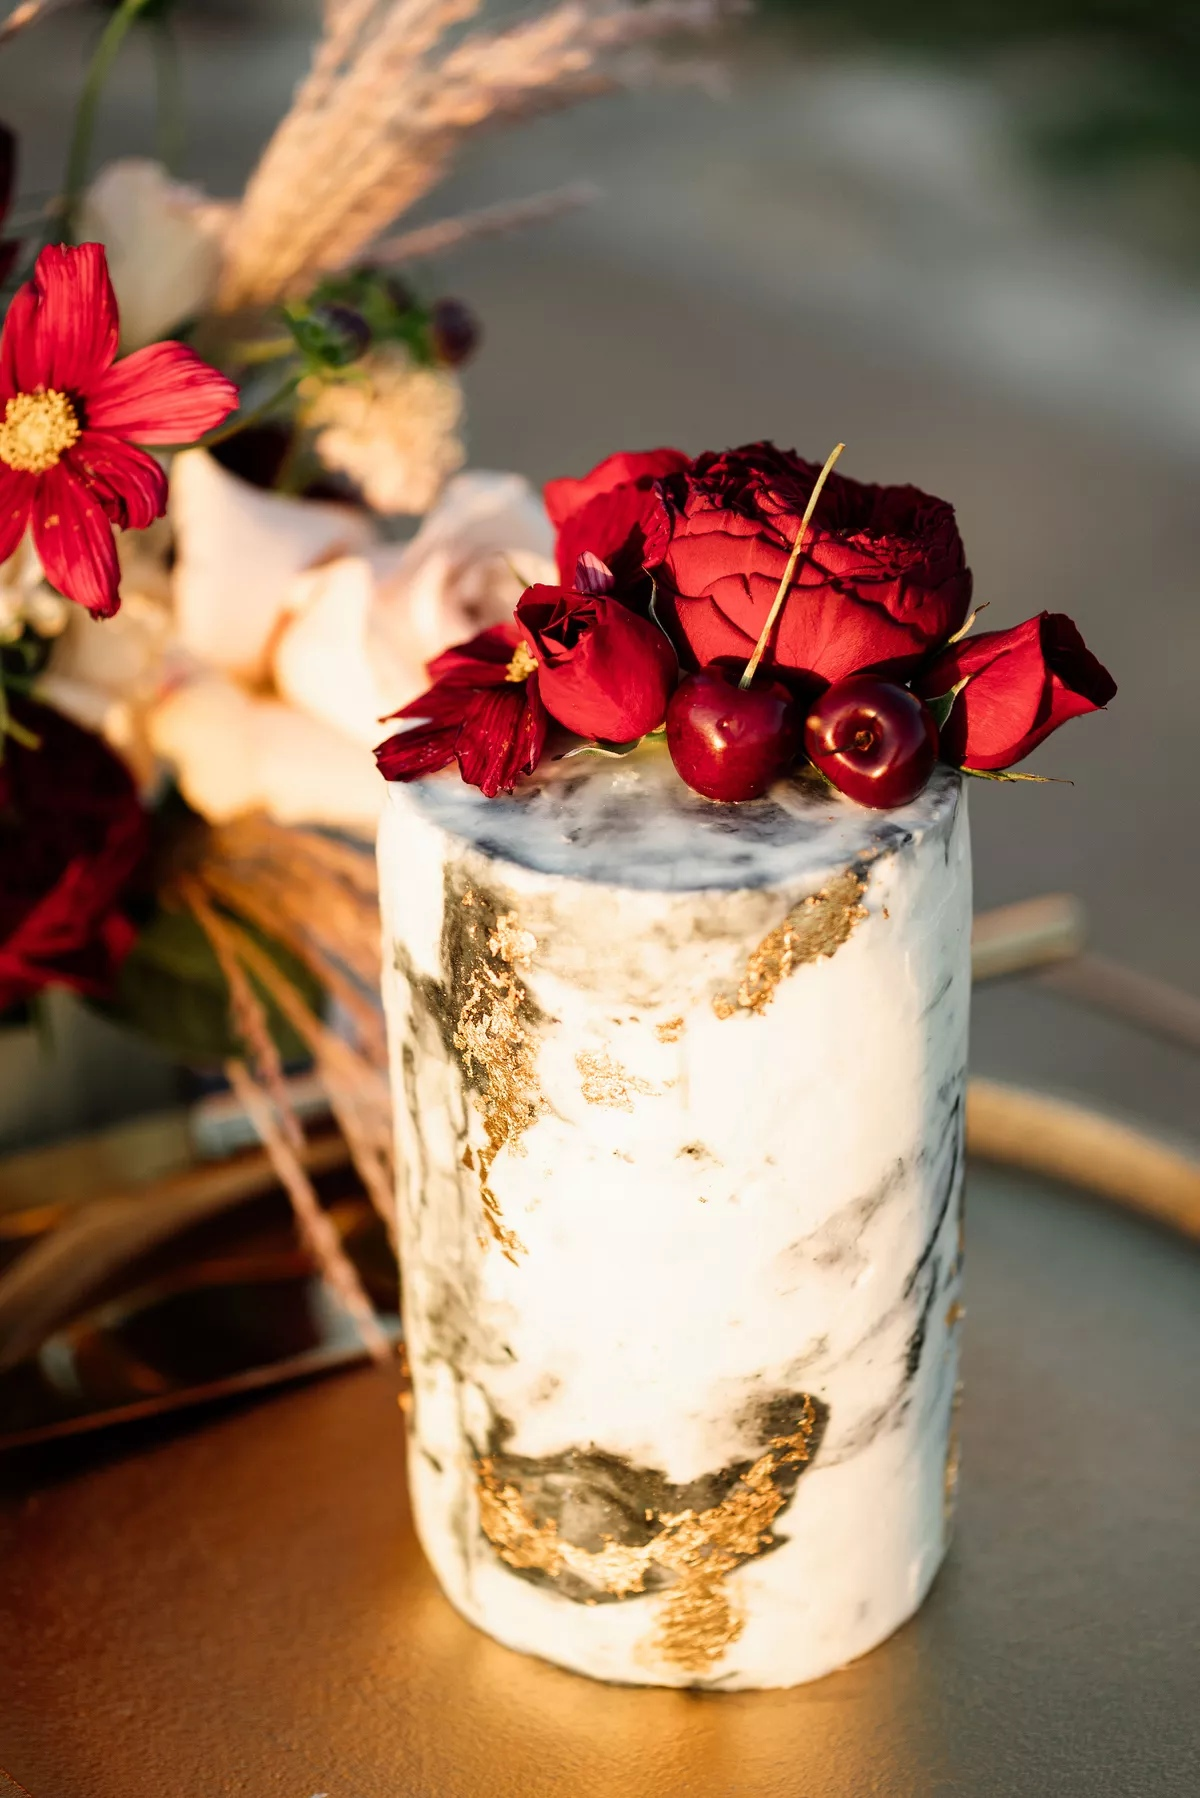 miyT L8u UE - Маленькие свадебные торты